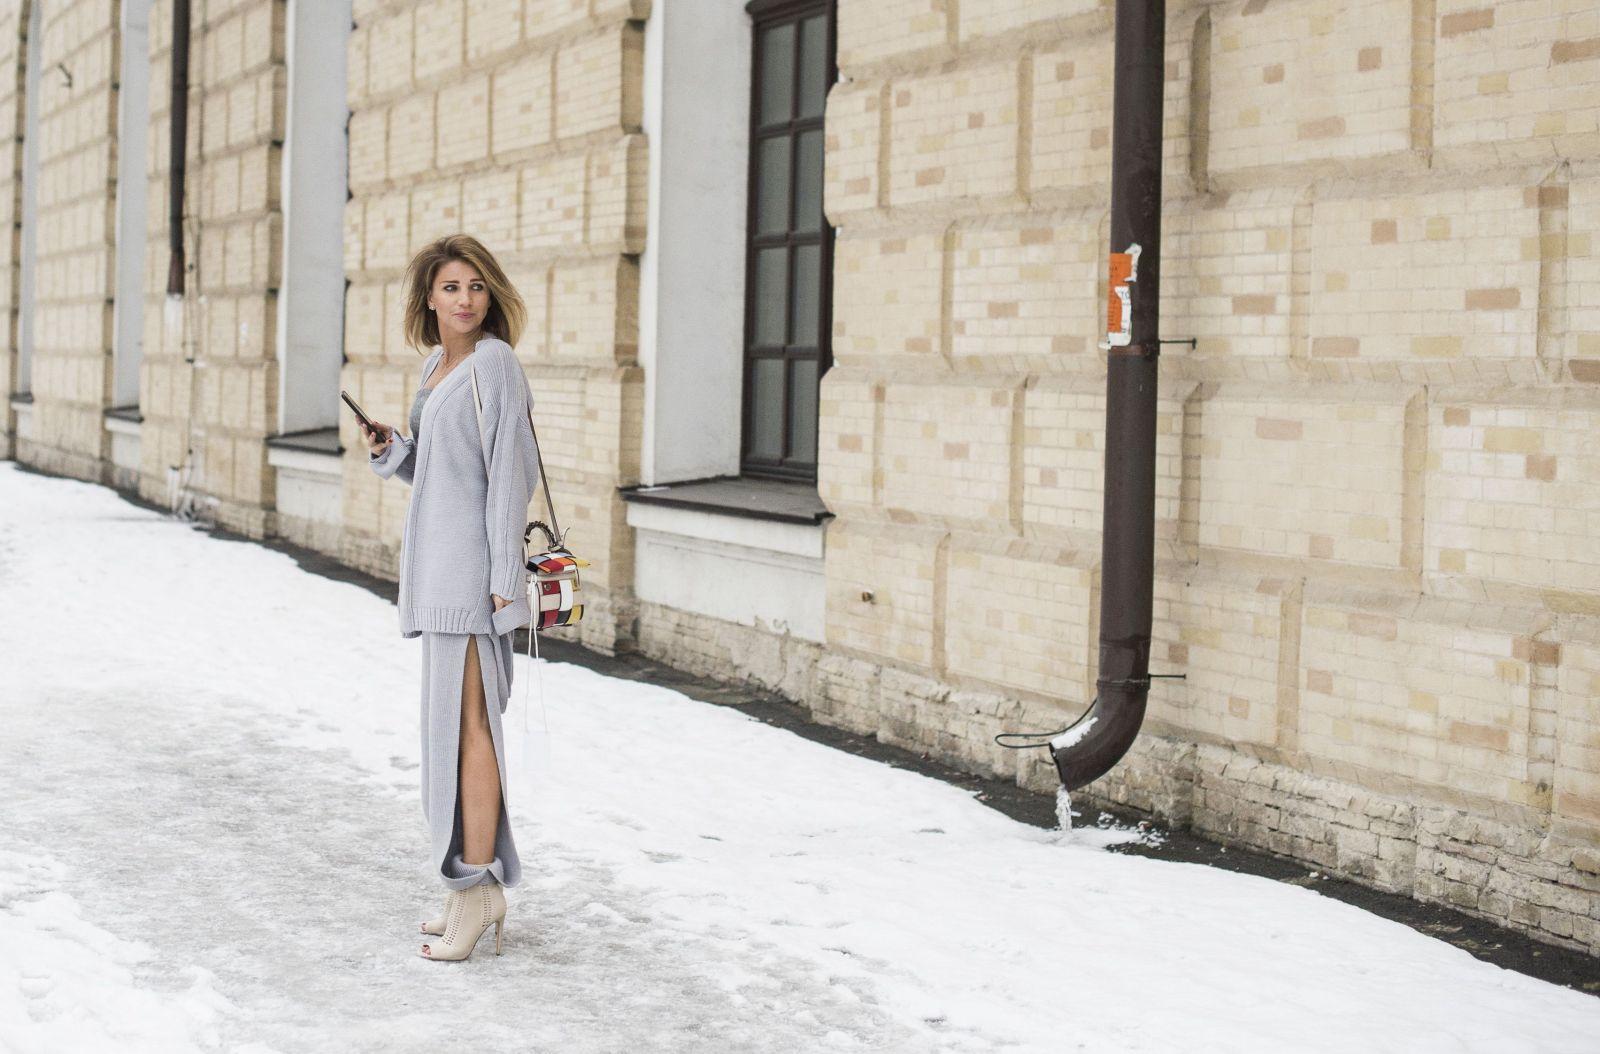 Street style в Киеве: Украинские модницы показали тренды уличного стиля на Неделе моды street style, street style фото, street style киев, street style украина, street style неделя моды, street style украинская неделя моды